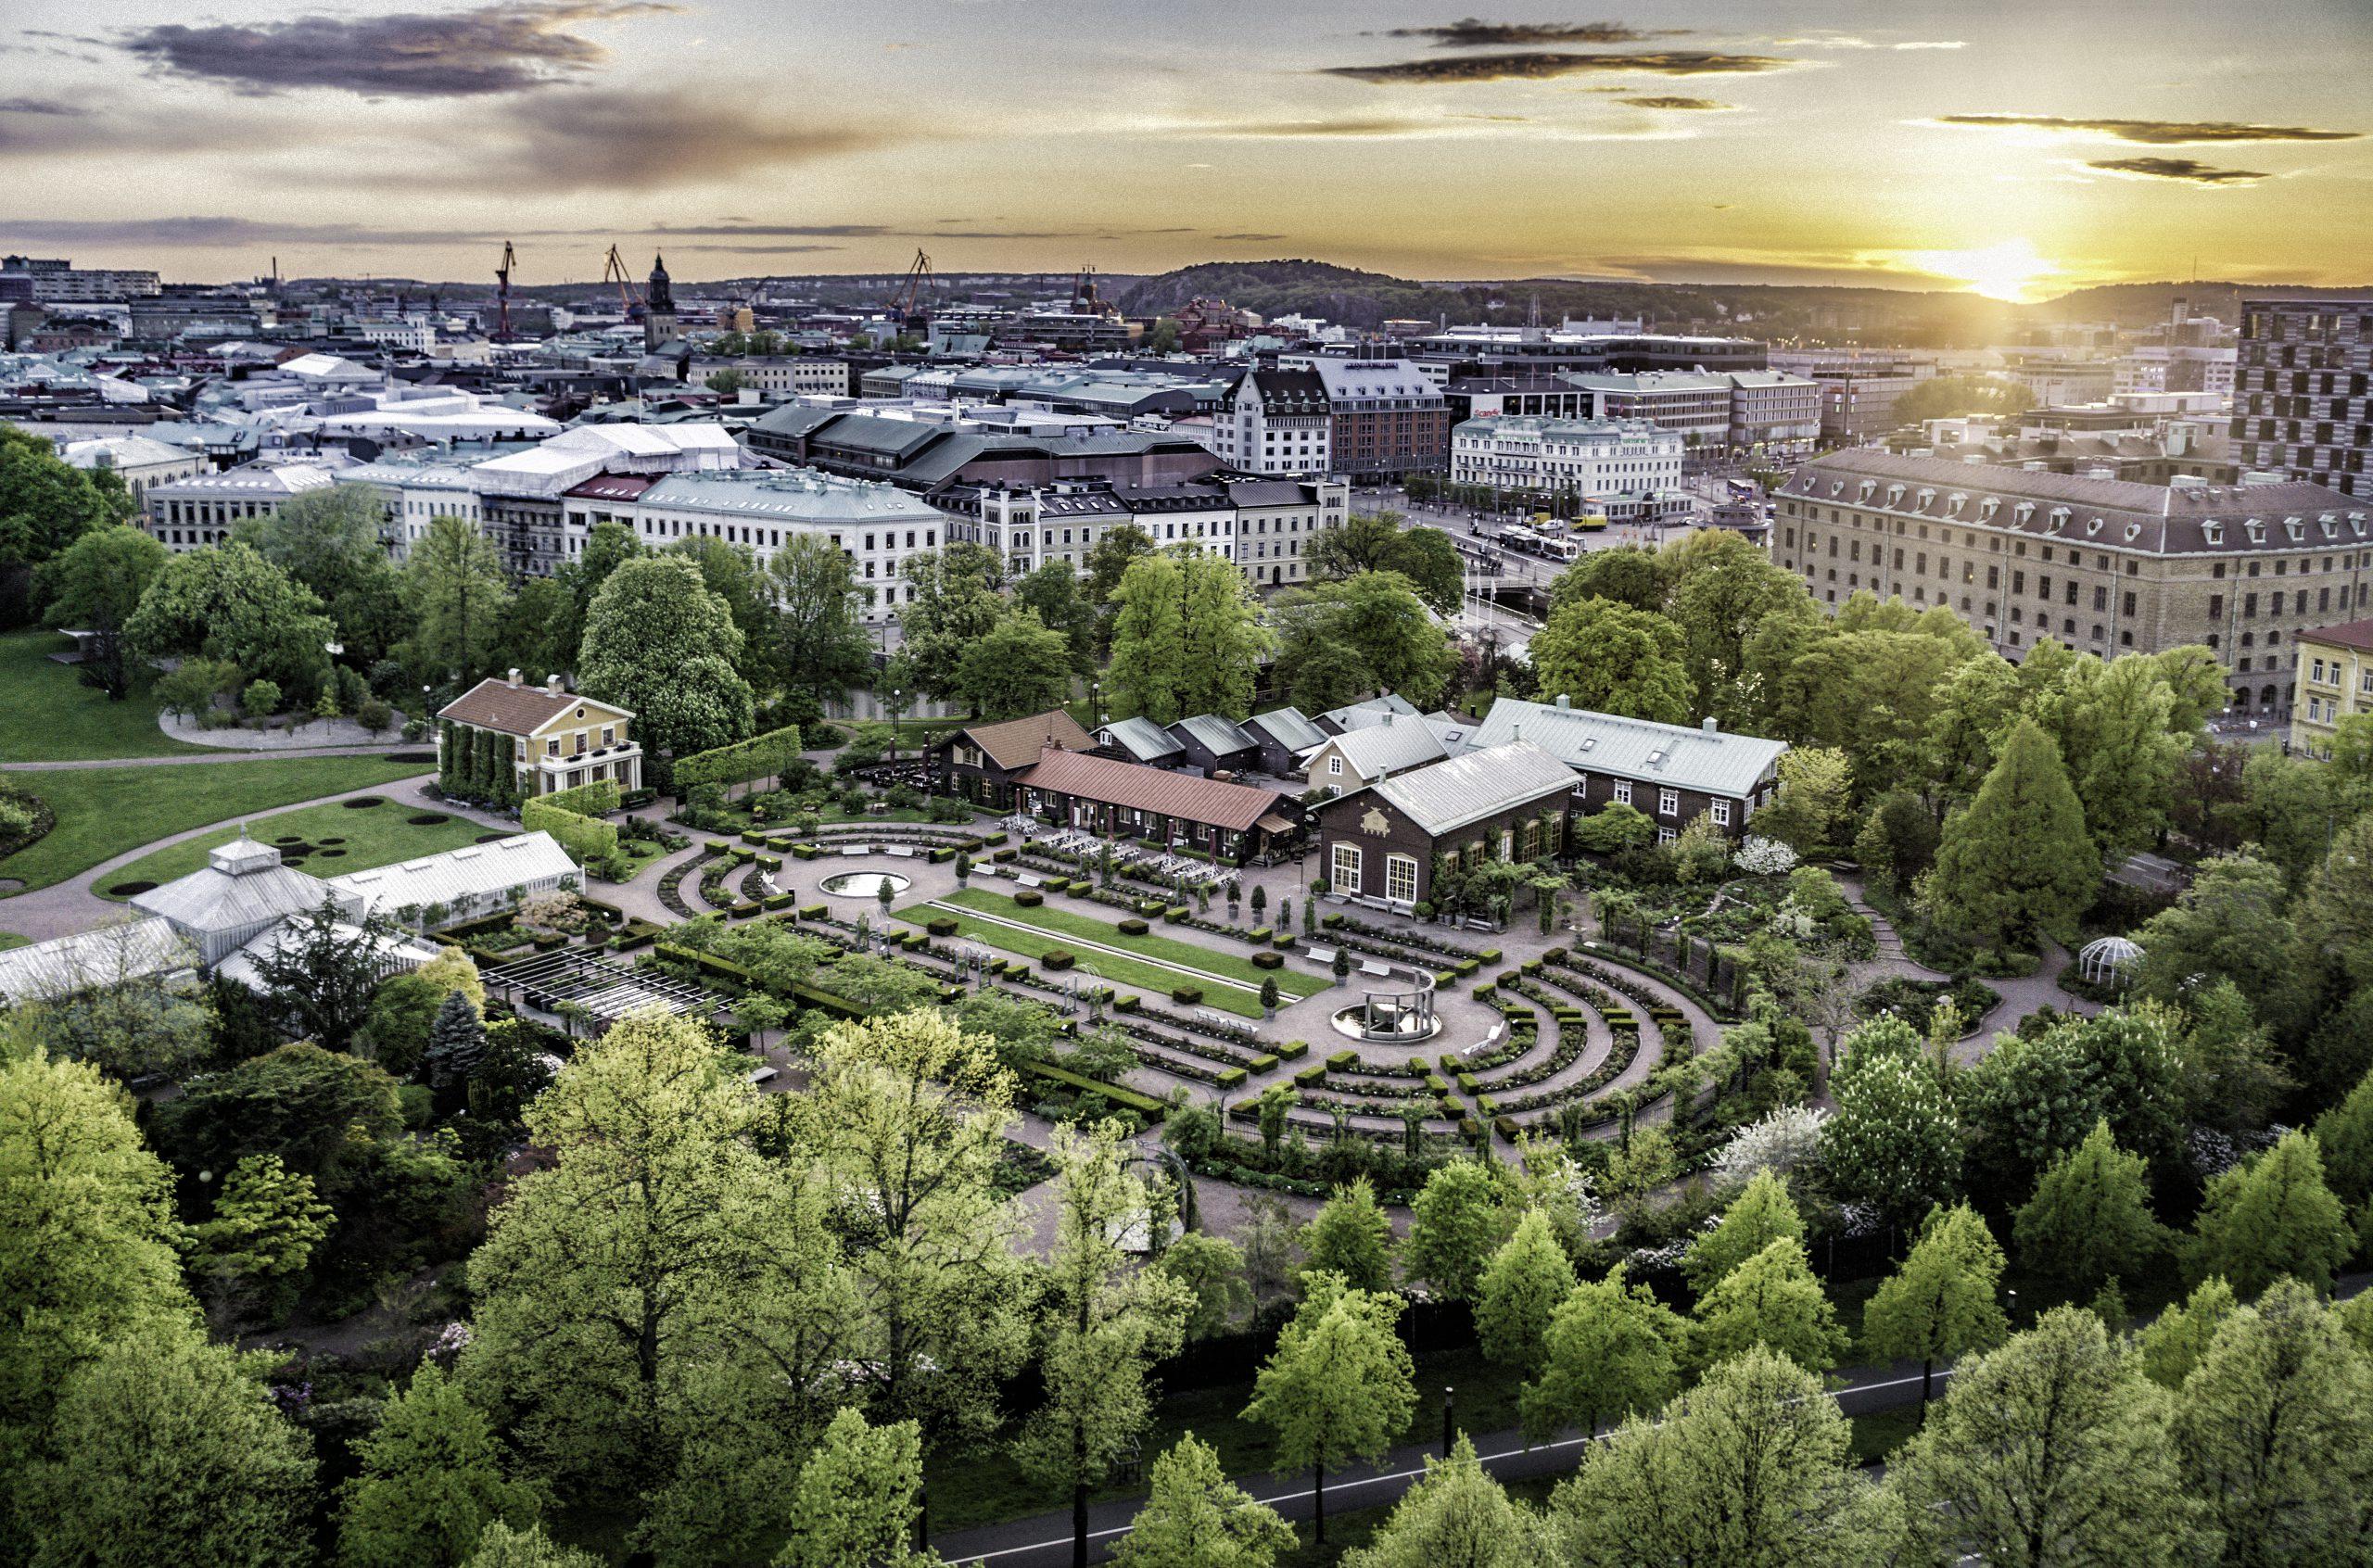 Vy över Trädgårdsföreningen och Göteborgs innerstad.